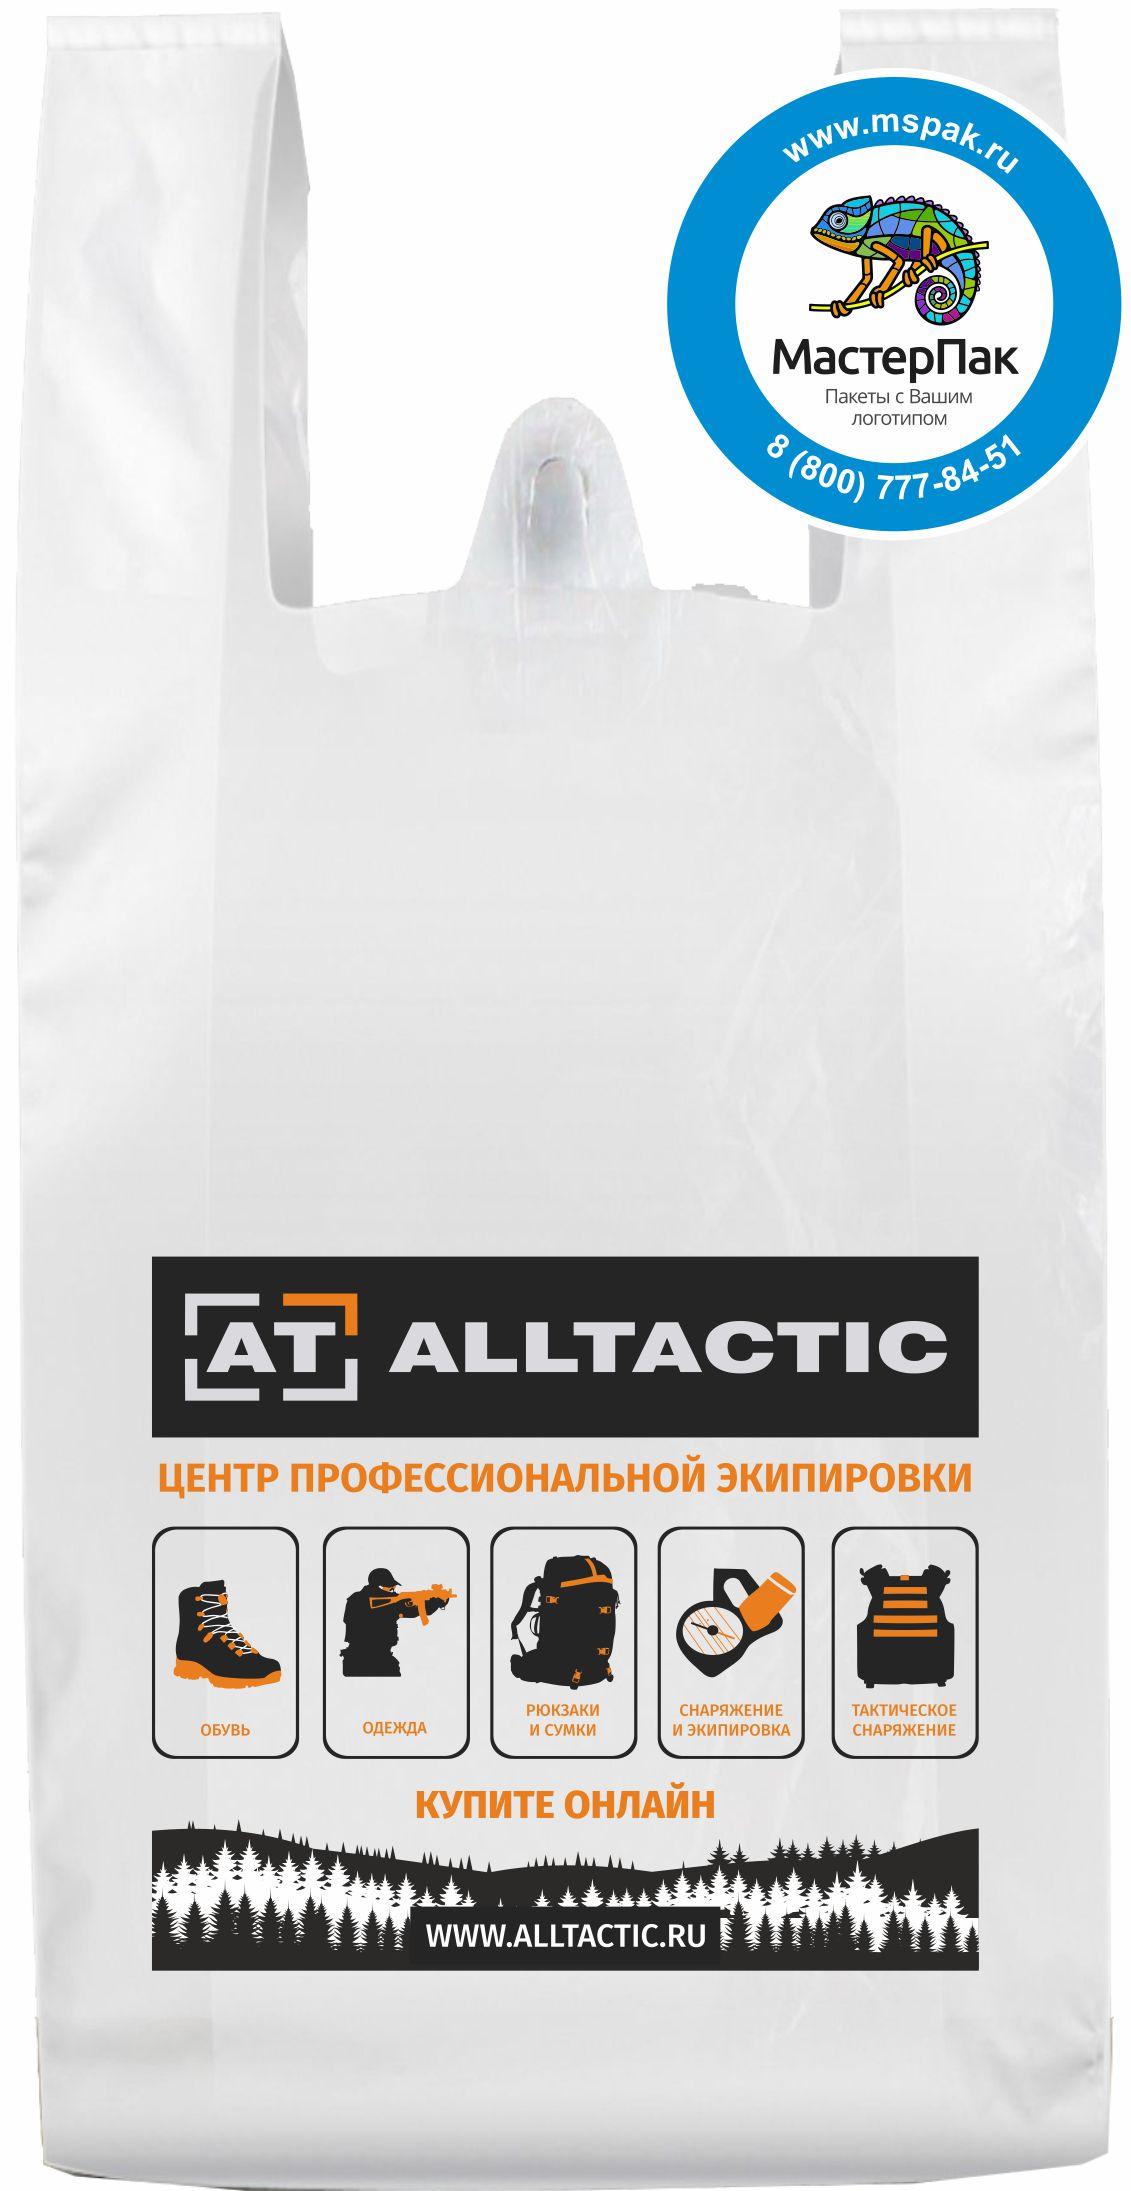 Пакет майка с печатью для компании Alltactic.